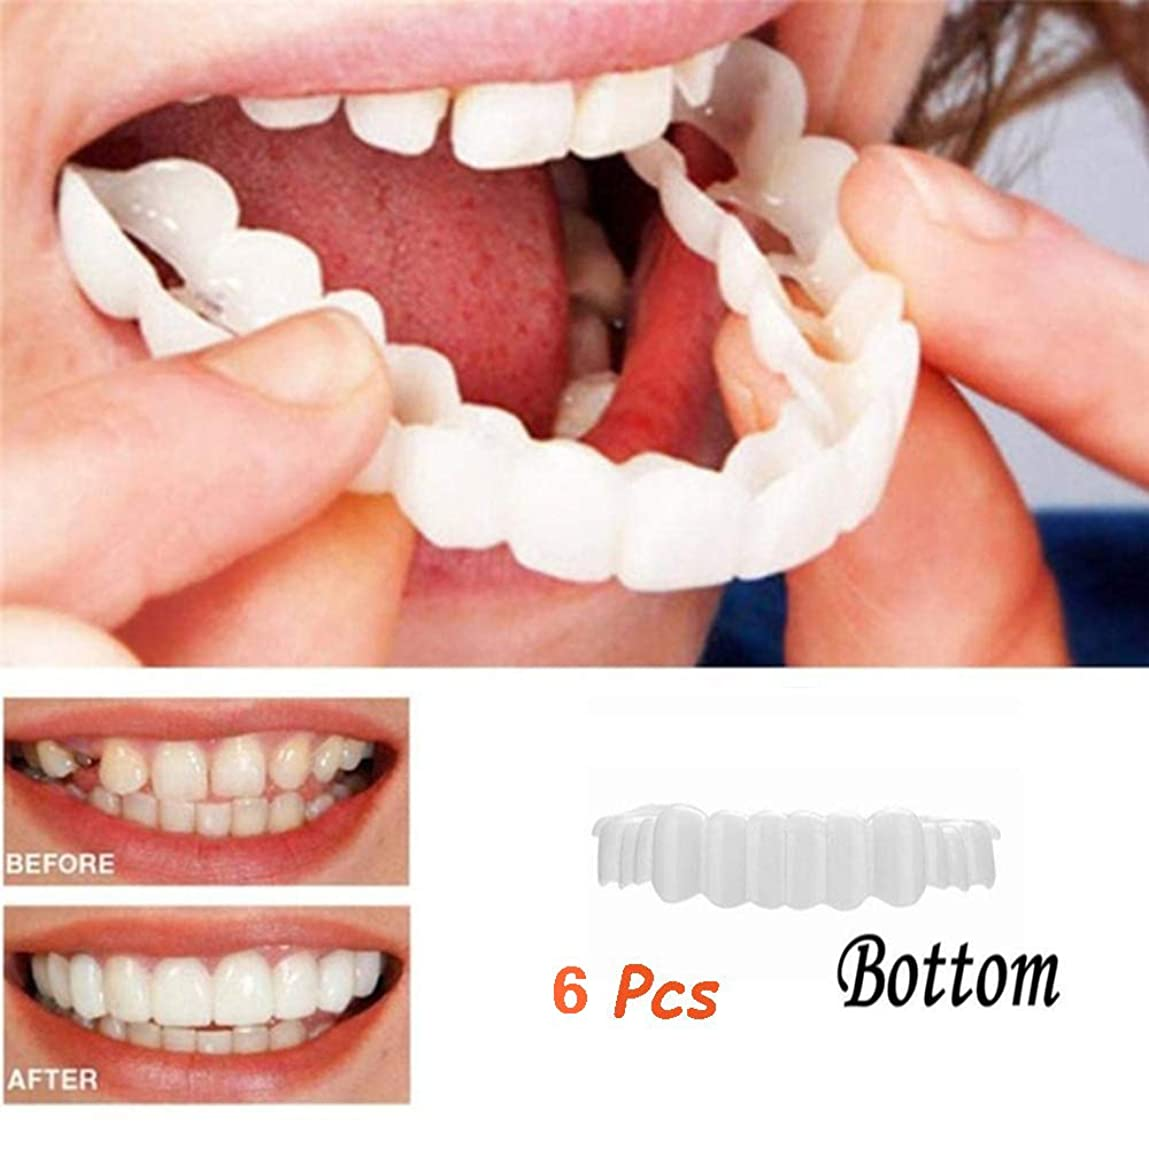 のり顧問ウッズ6本底化粧品の歯の快適さフィットフレックス化粧品の歯義歯歯低歯のホワイトニングスナップオンインスタント笑顔サイズフィット